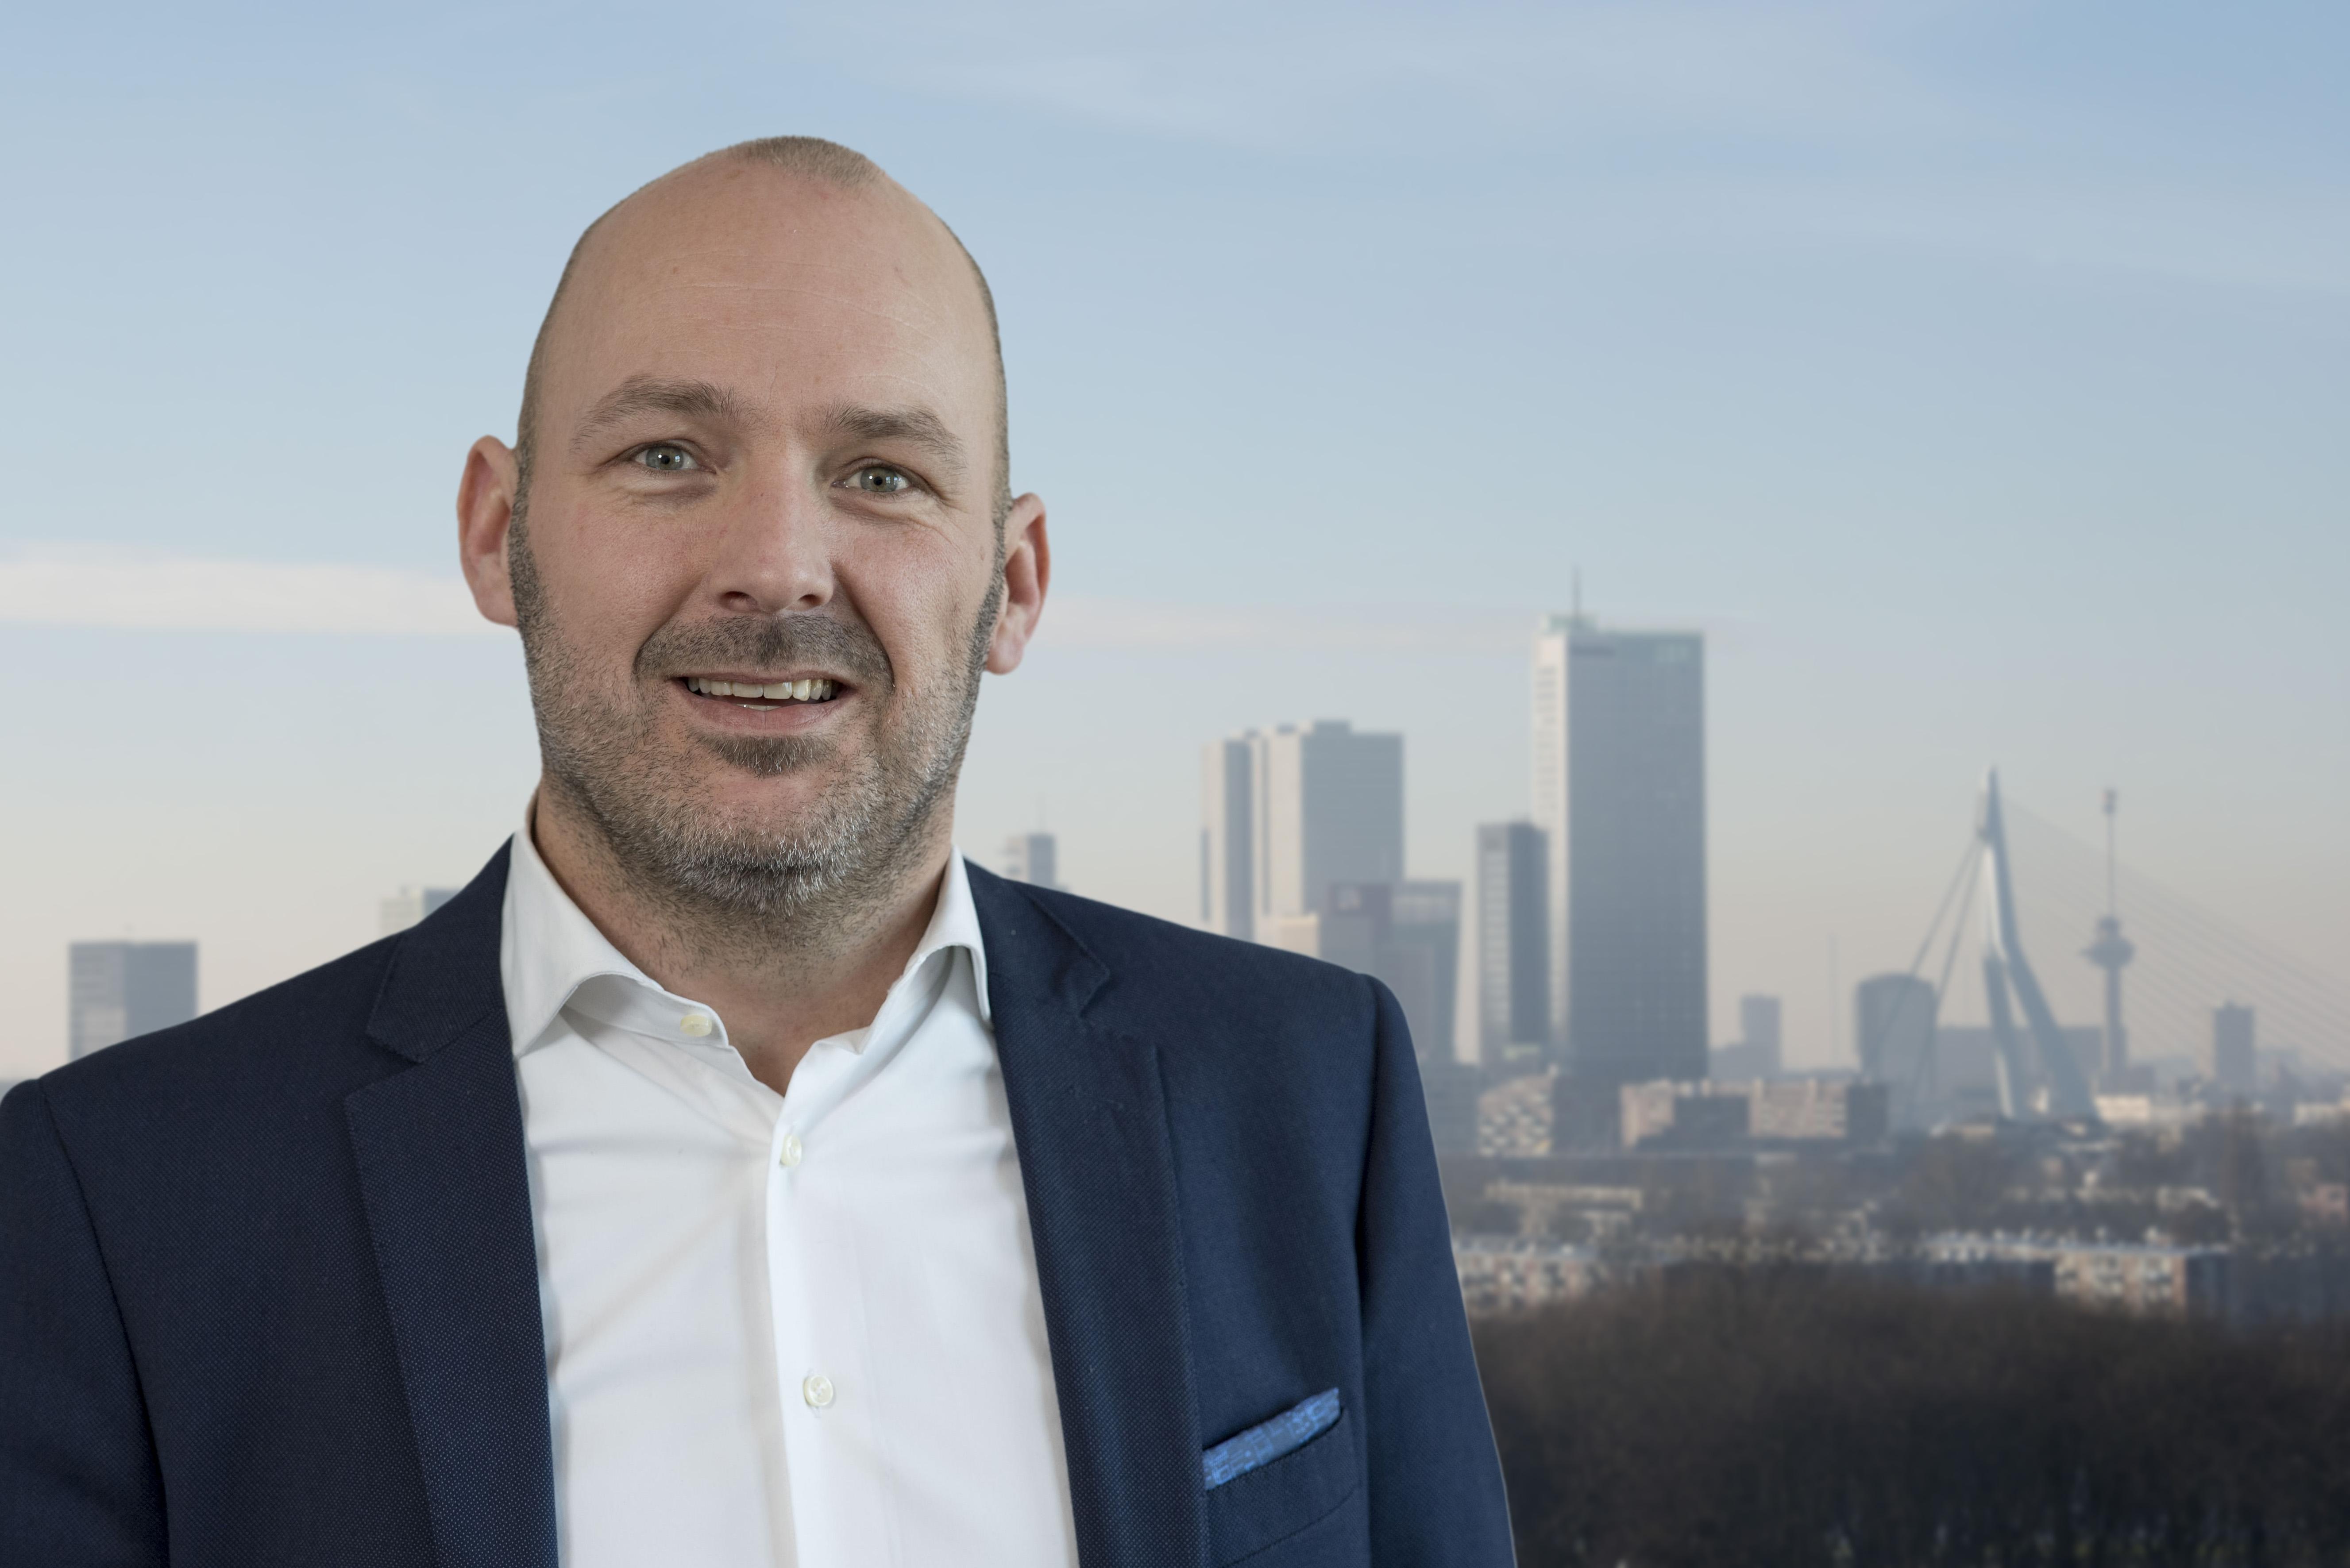 Niels van der Weerdt